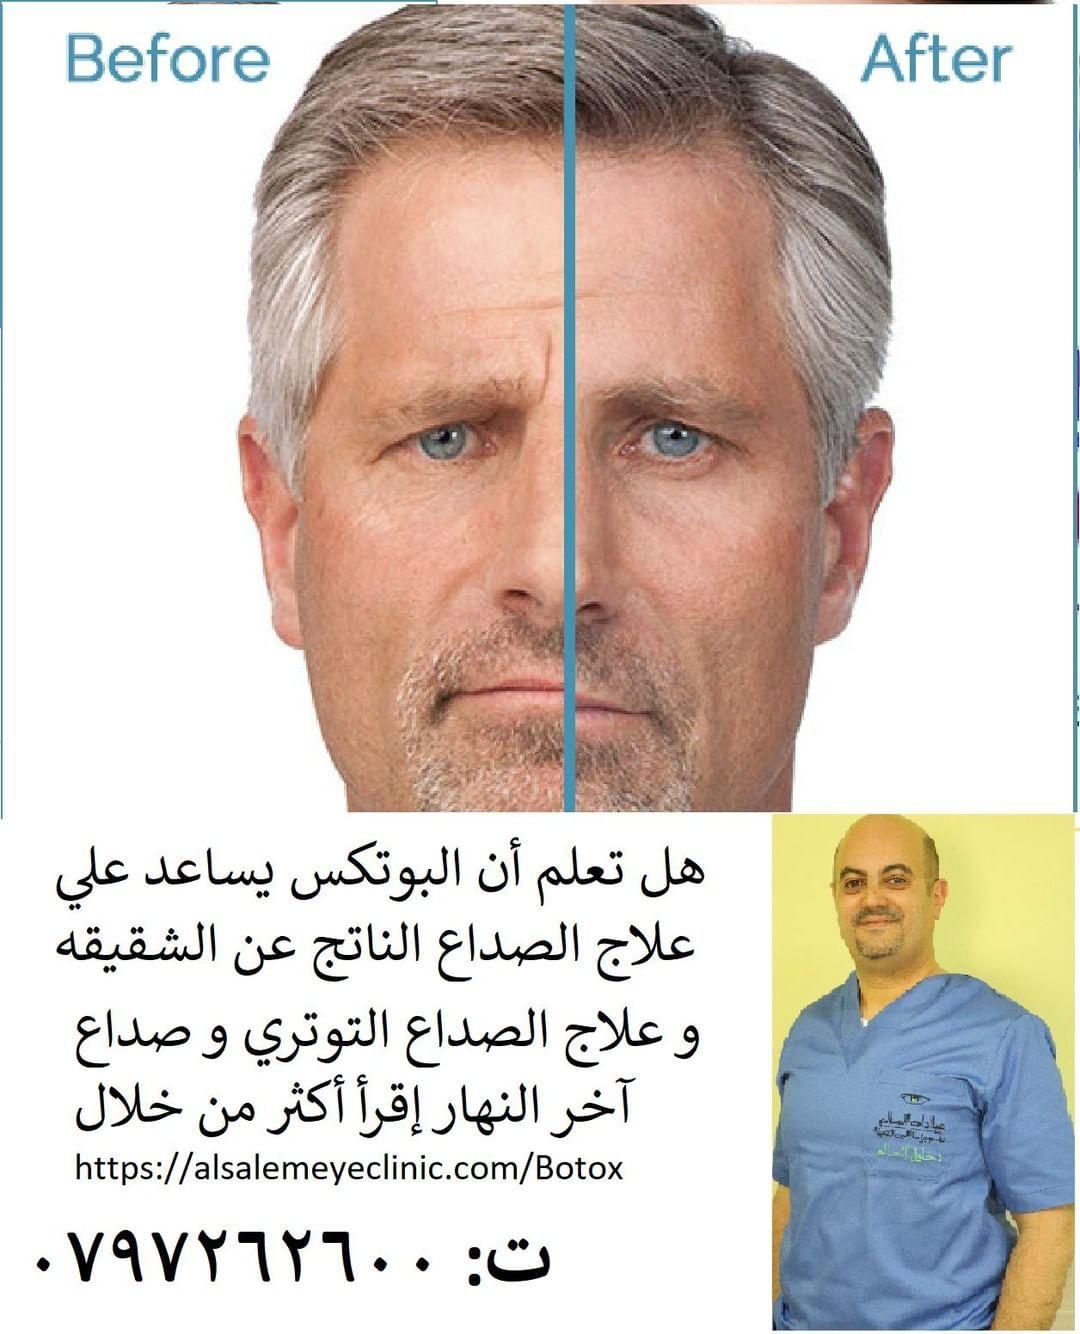 Khalil Alsalem Posted To Instagram البوتكس علاج فعال للصداع النصفي و الشقيقة أو الصداع الذي ينتج من الإجهاد في آخر النهار الفكرة تقوم علي شل العضلات ال Botox